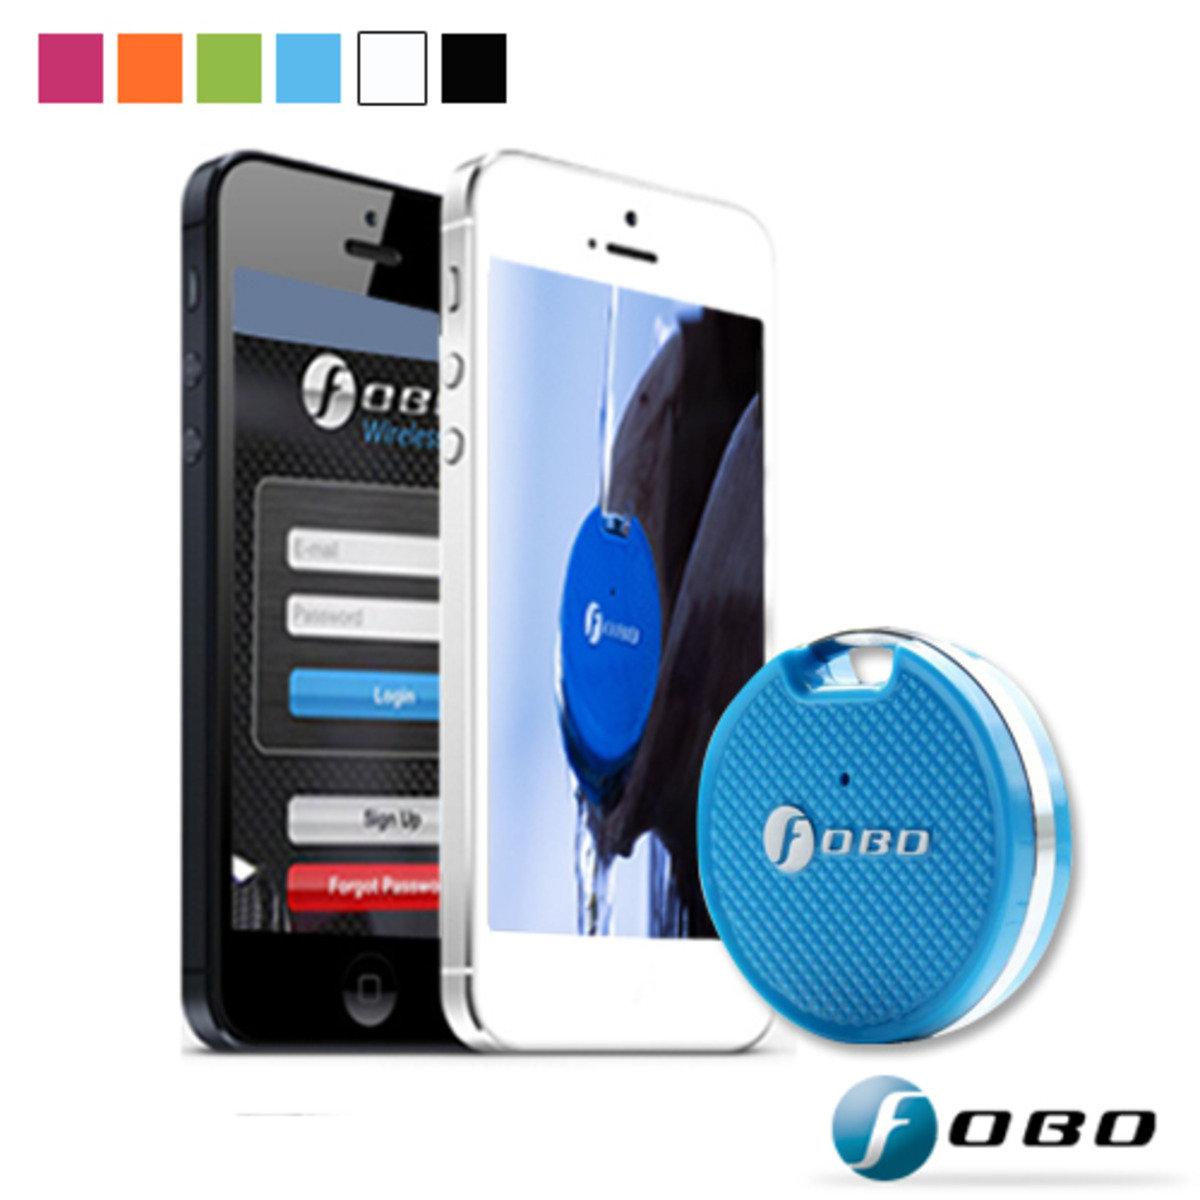 FOBO Tag福保錠-藍芽追蹤器-藍色